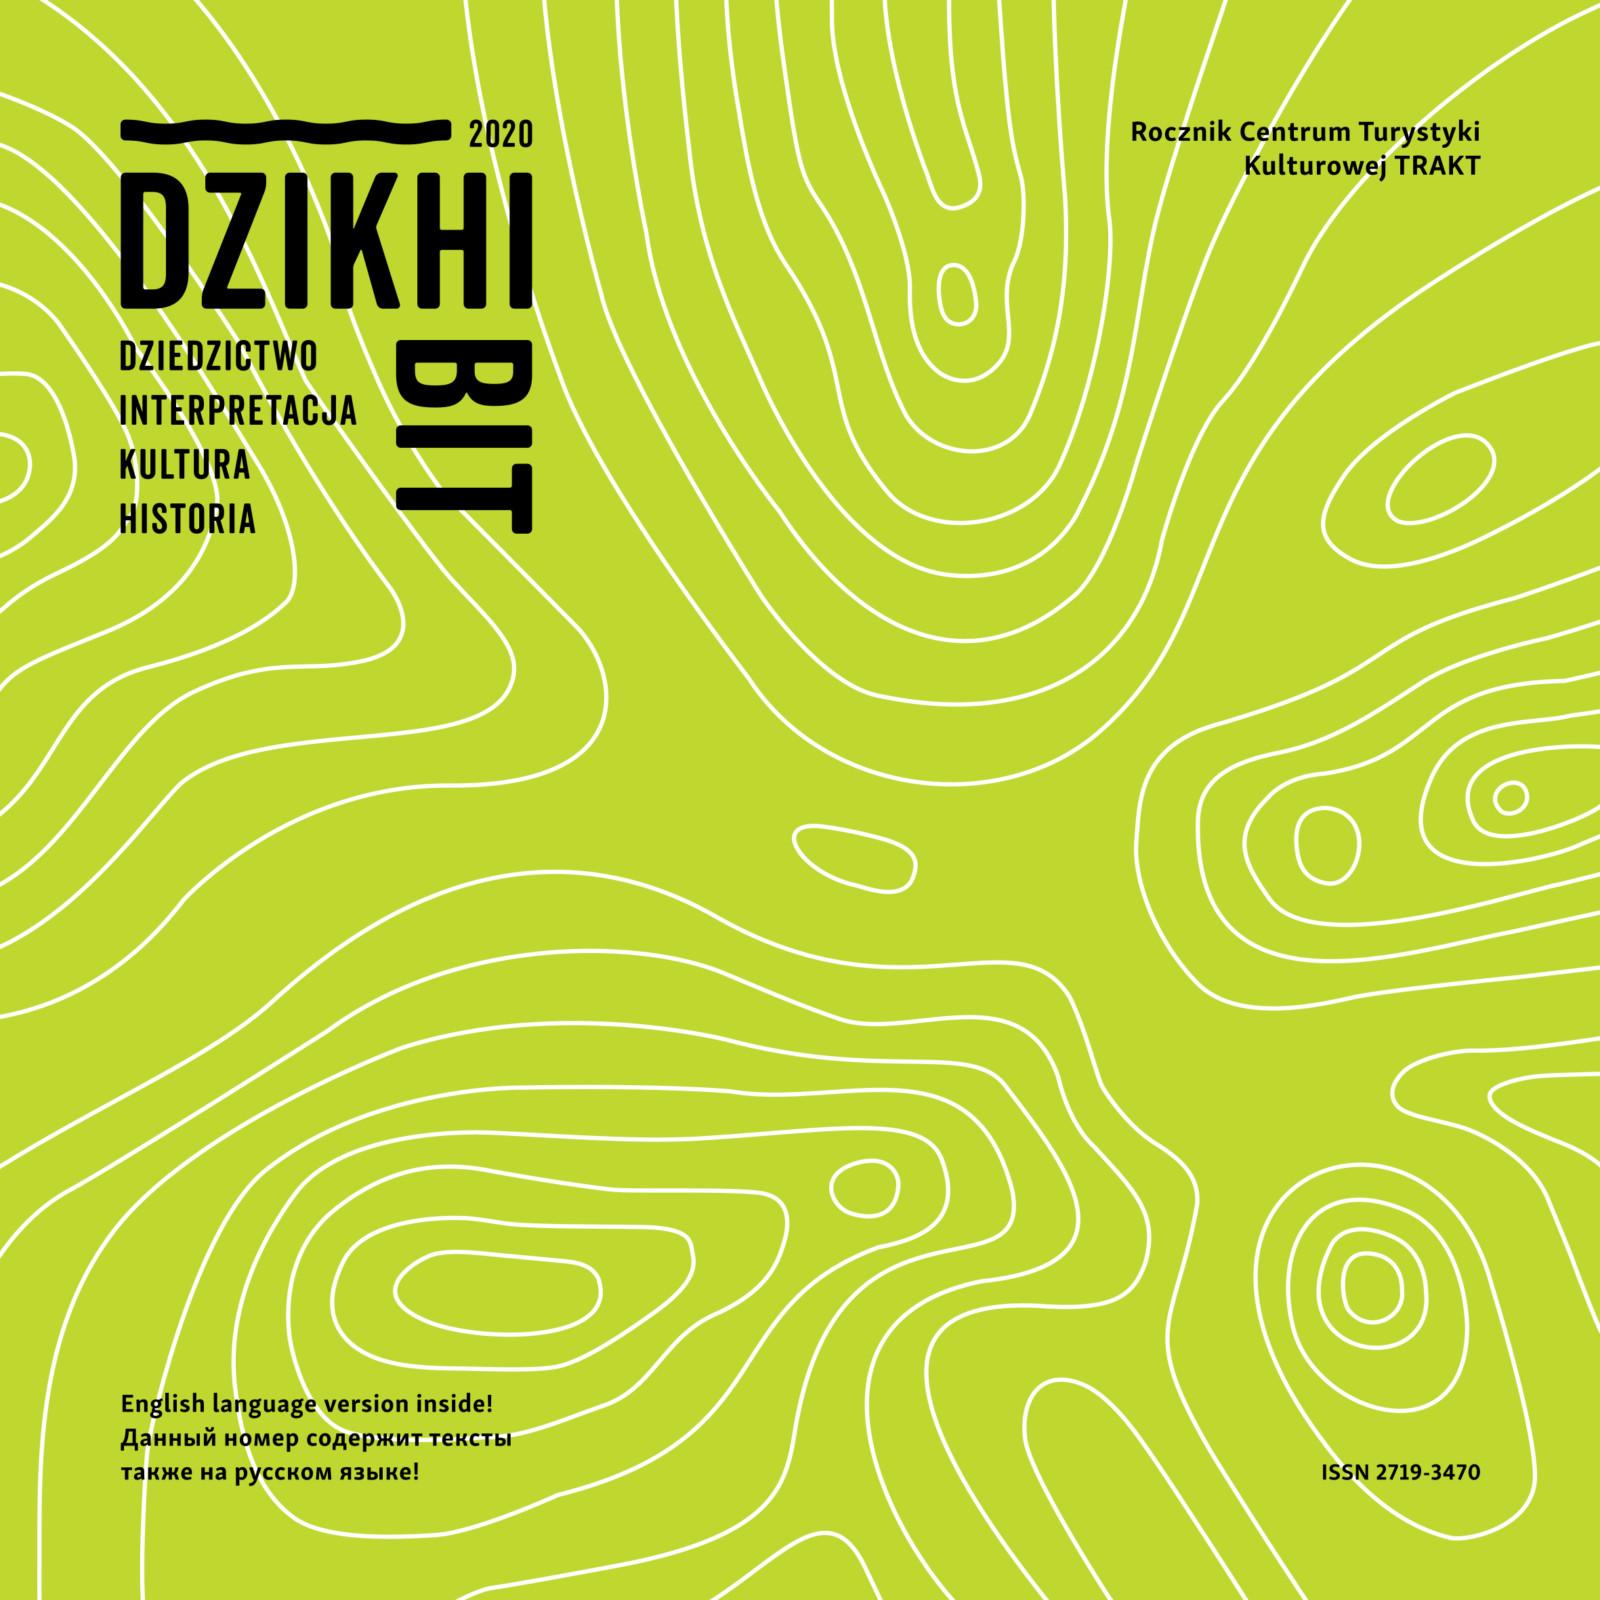 Najnowszy rocznik Dzikhi Bit - #DziedzictwoDlaKlimatu!